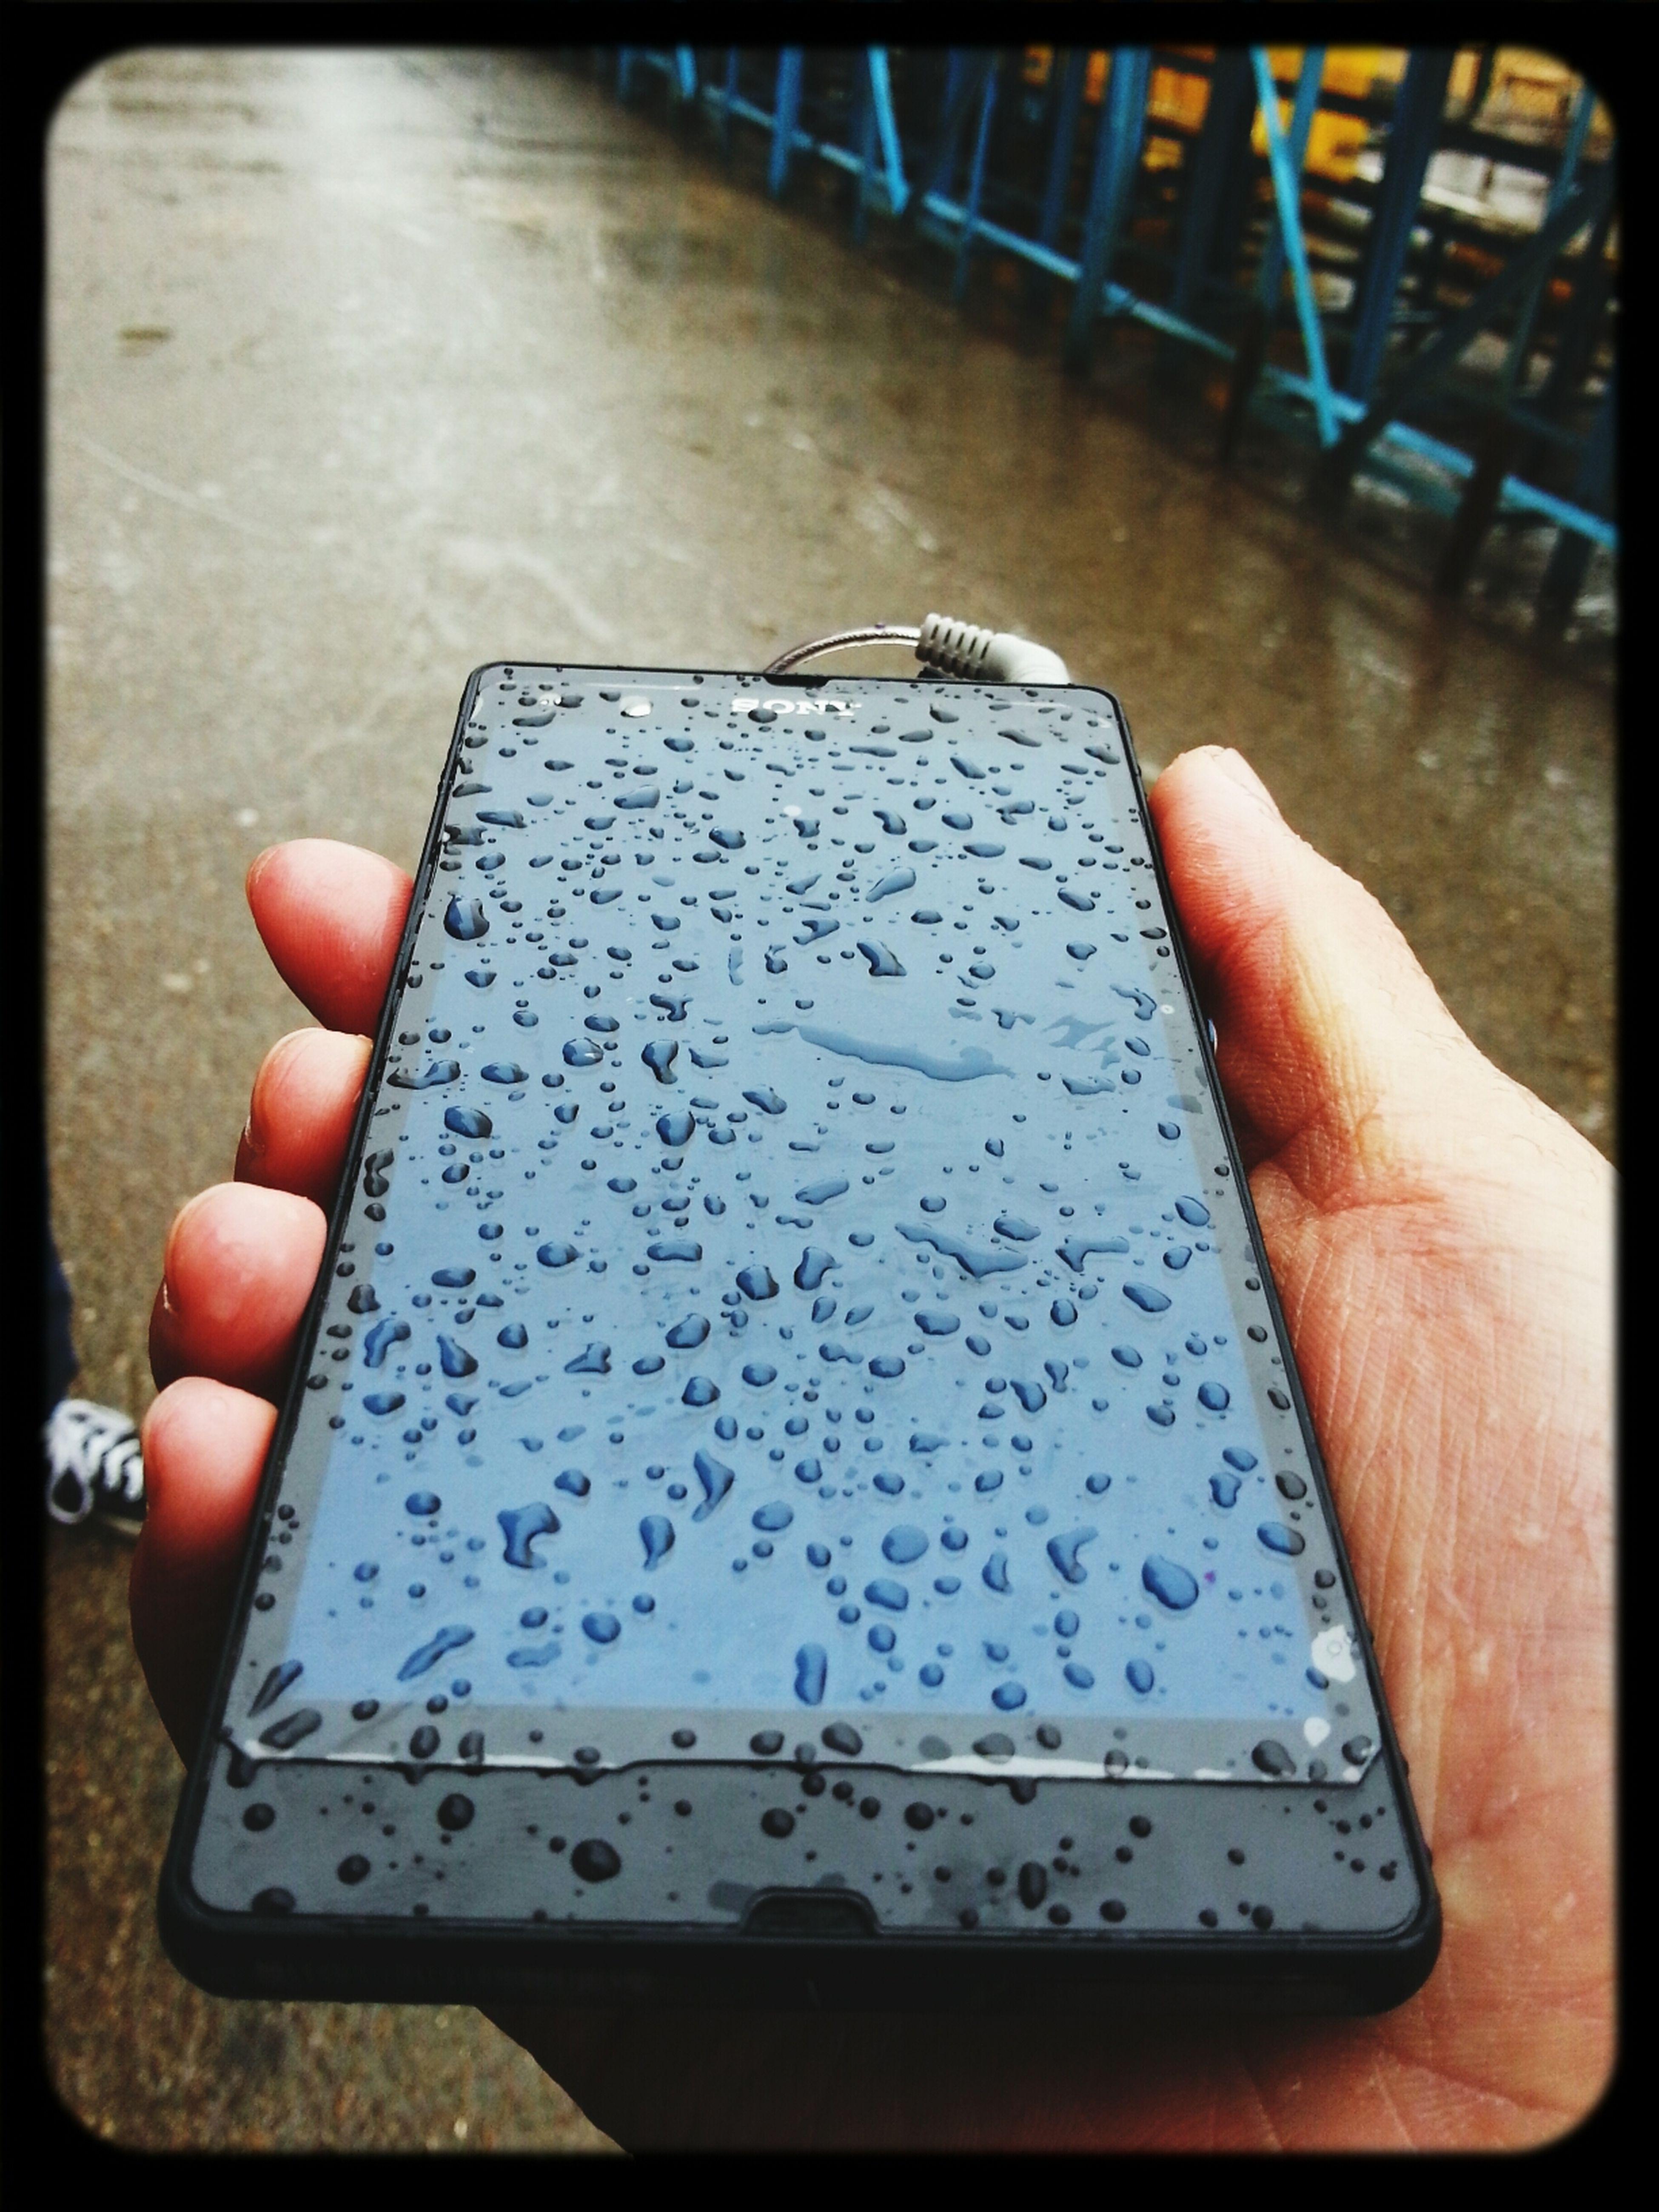 """Taking Photos Sony Xperia Bahhdad Under Rain today at techno ..under rain ^_^"""""""""""""""